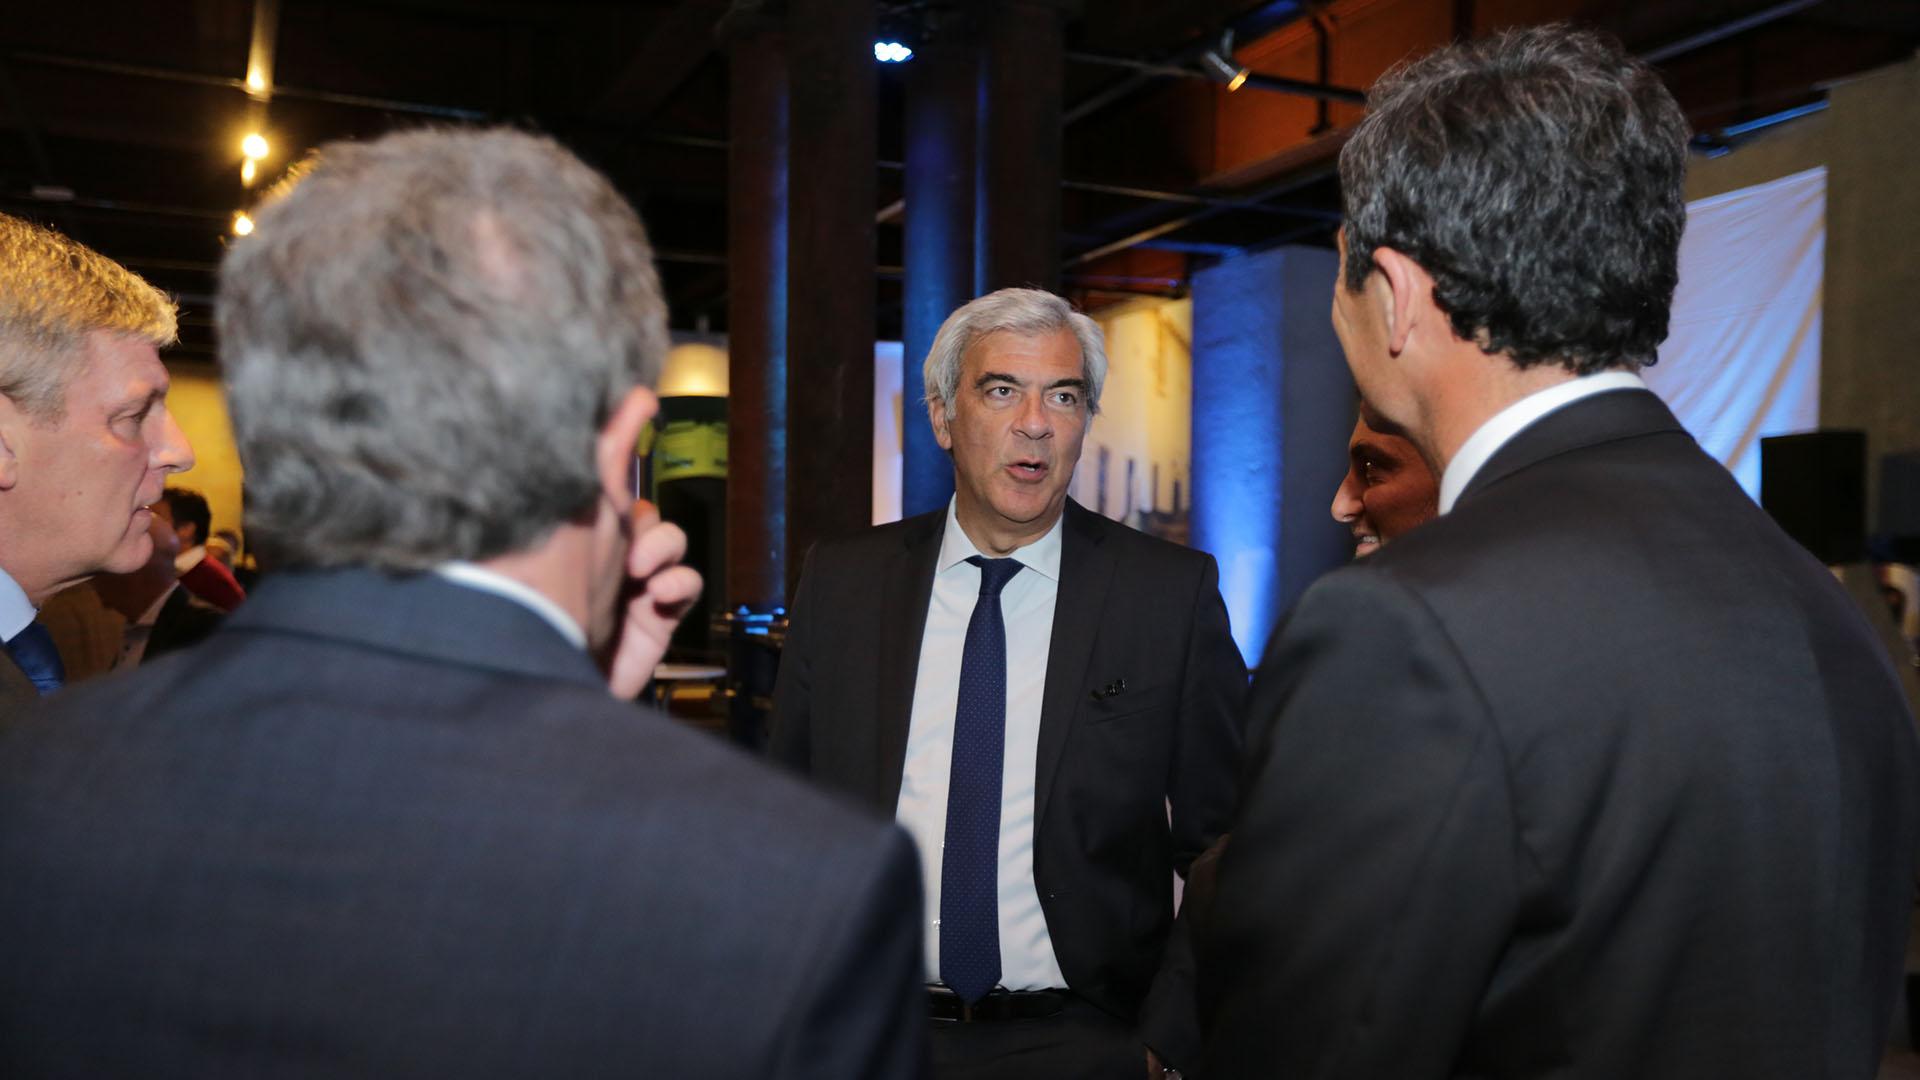 Sebastián Mocorrea, vicepresidente ejecutivo de Asuntos Corporativos, Comunicación y Marketing de YPF